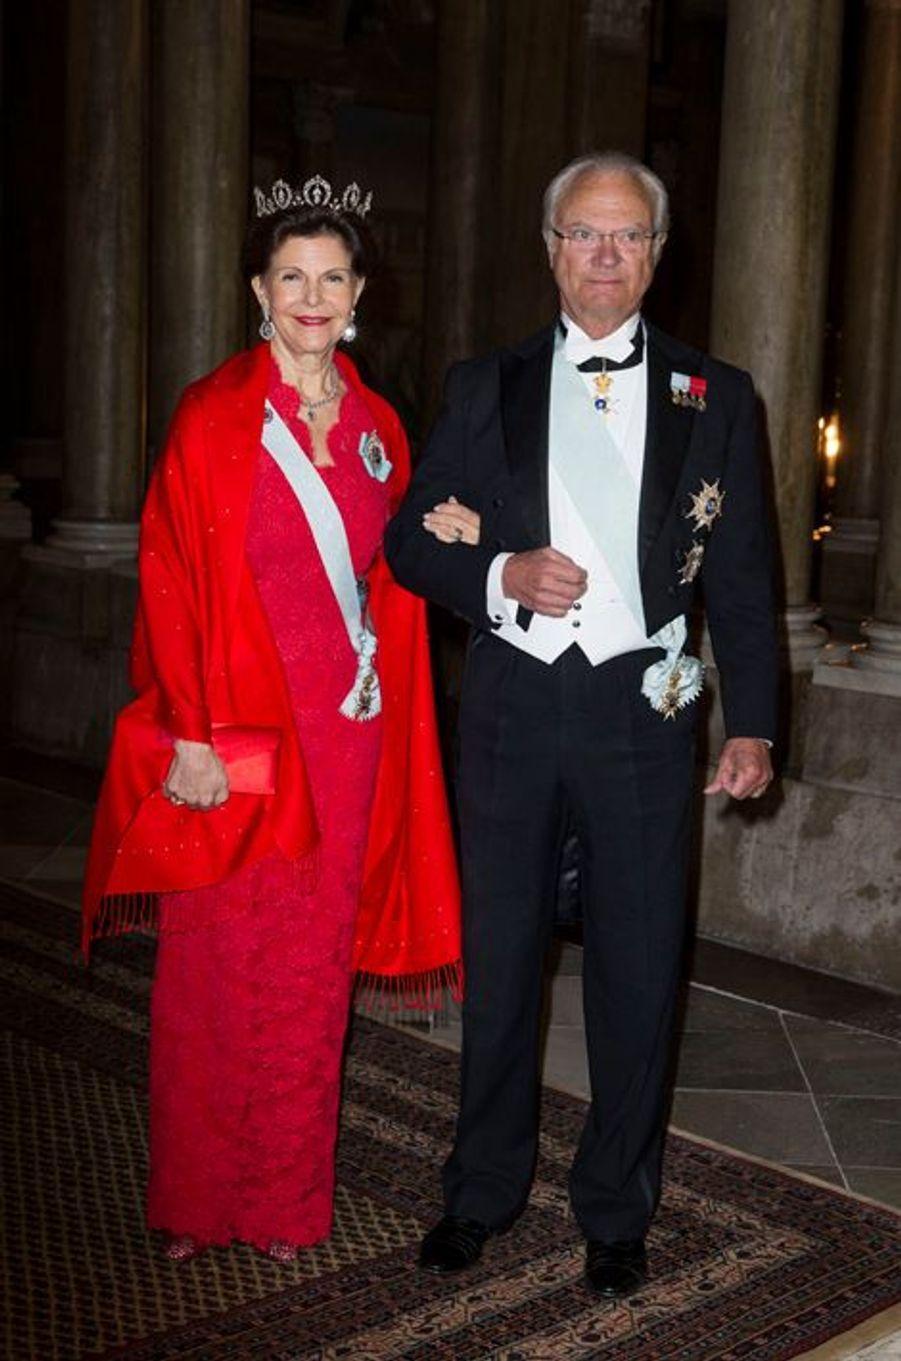 La reine Silvia et le roi Carl XVI Gustaf de Suède au Palais royal à Stockholm, le 3 février 2016